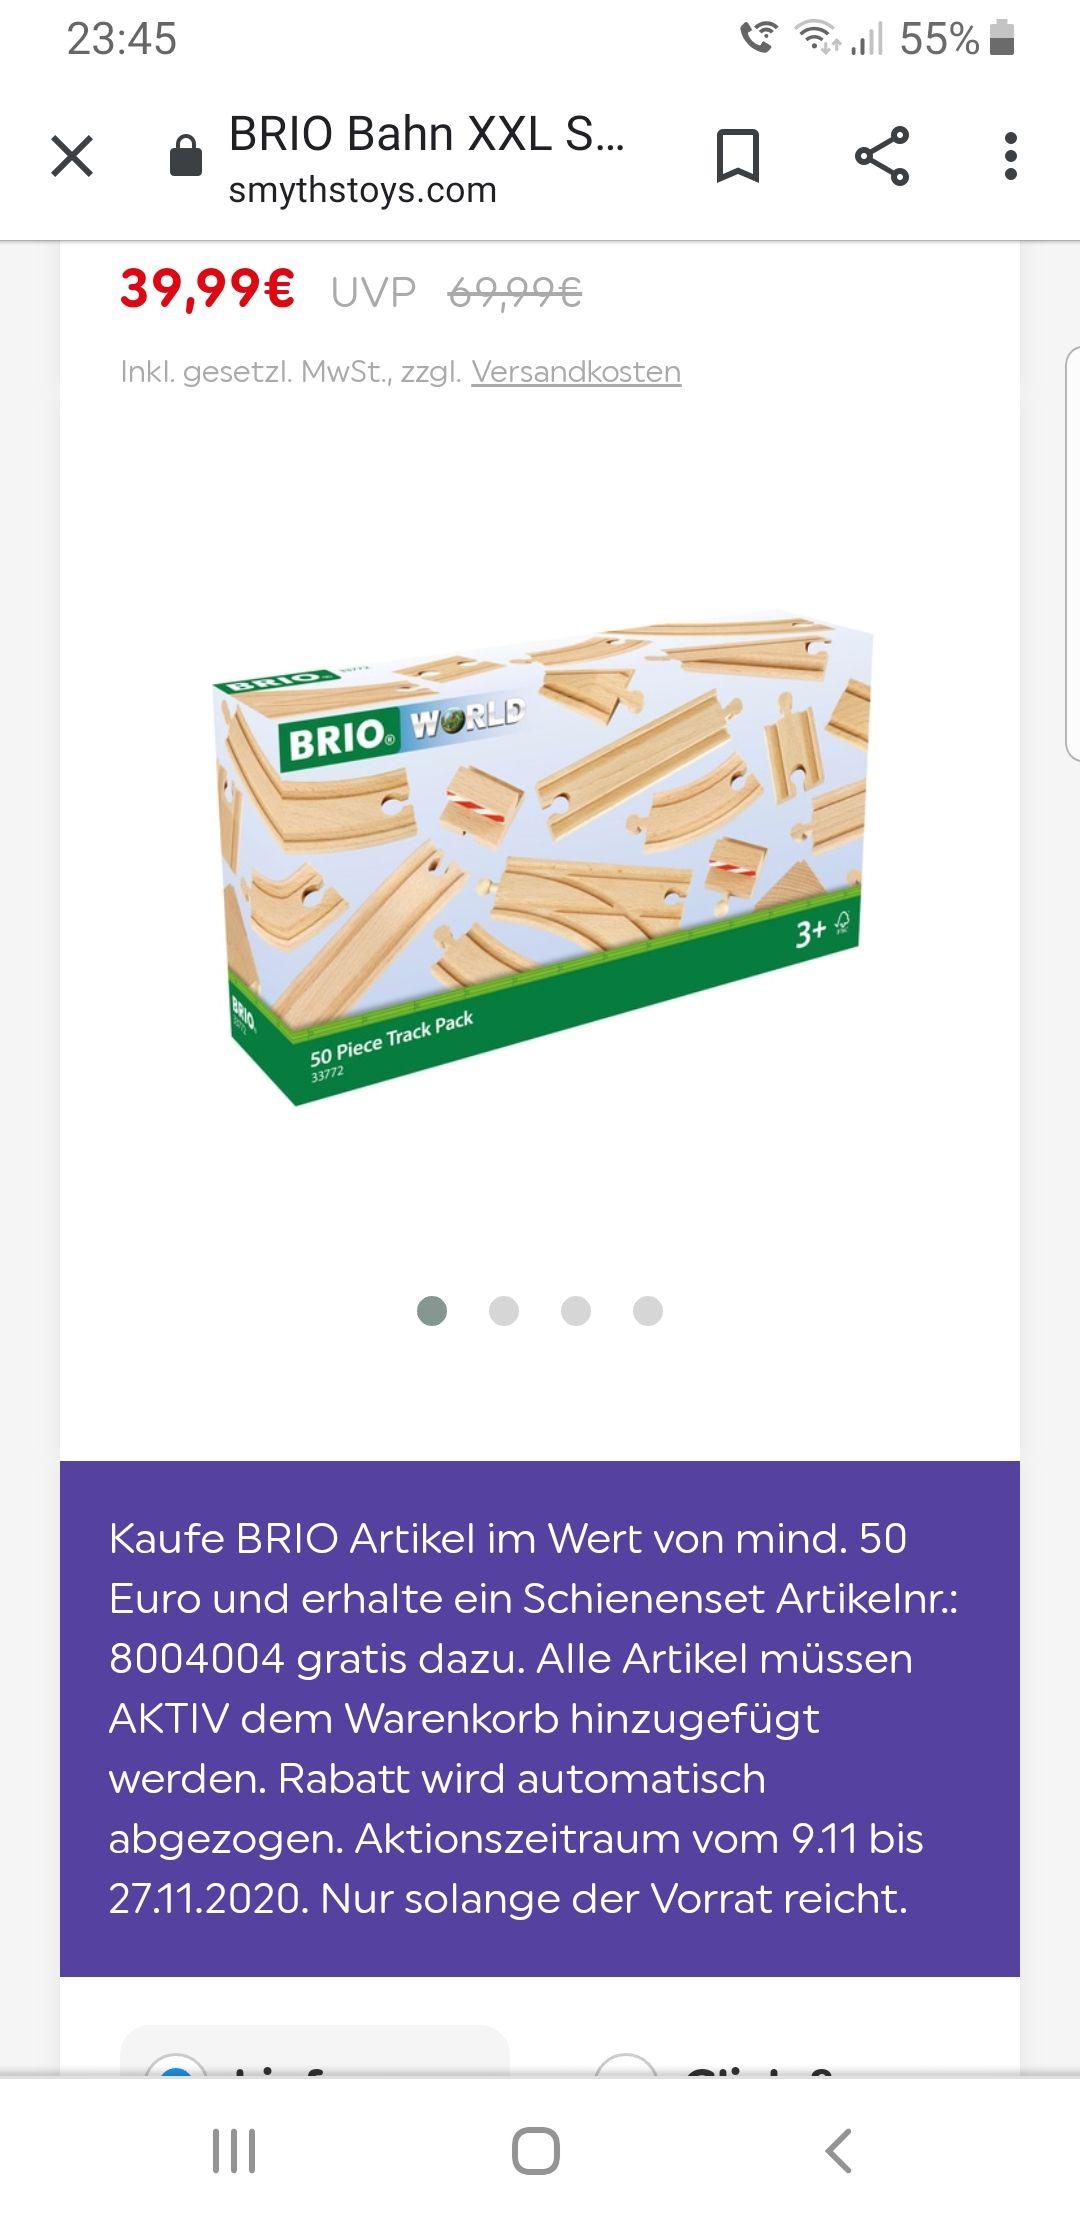 Brio World Schienenset XXL Gratis, bei Brio World Einkauf ab 50 Euro